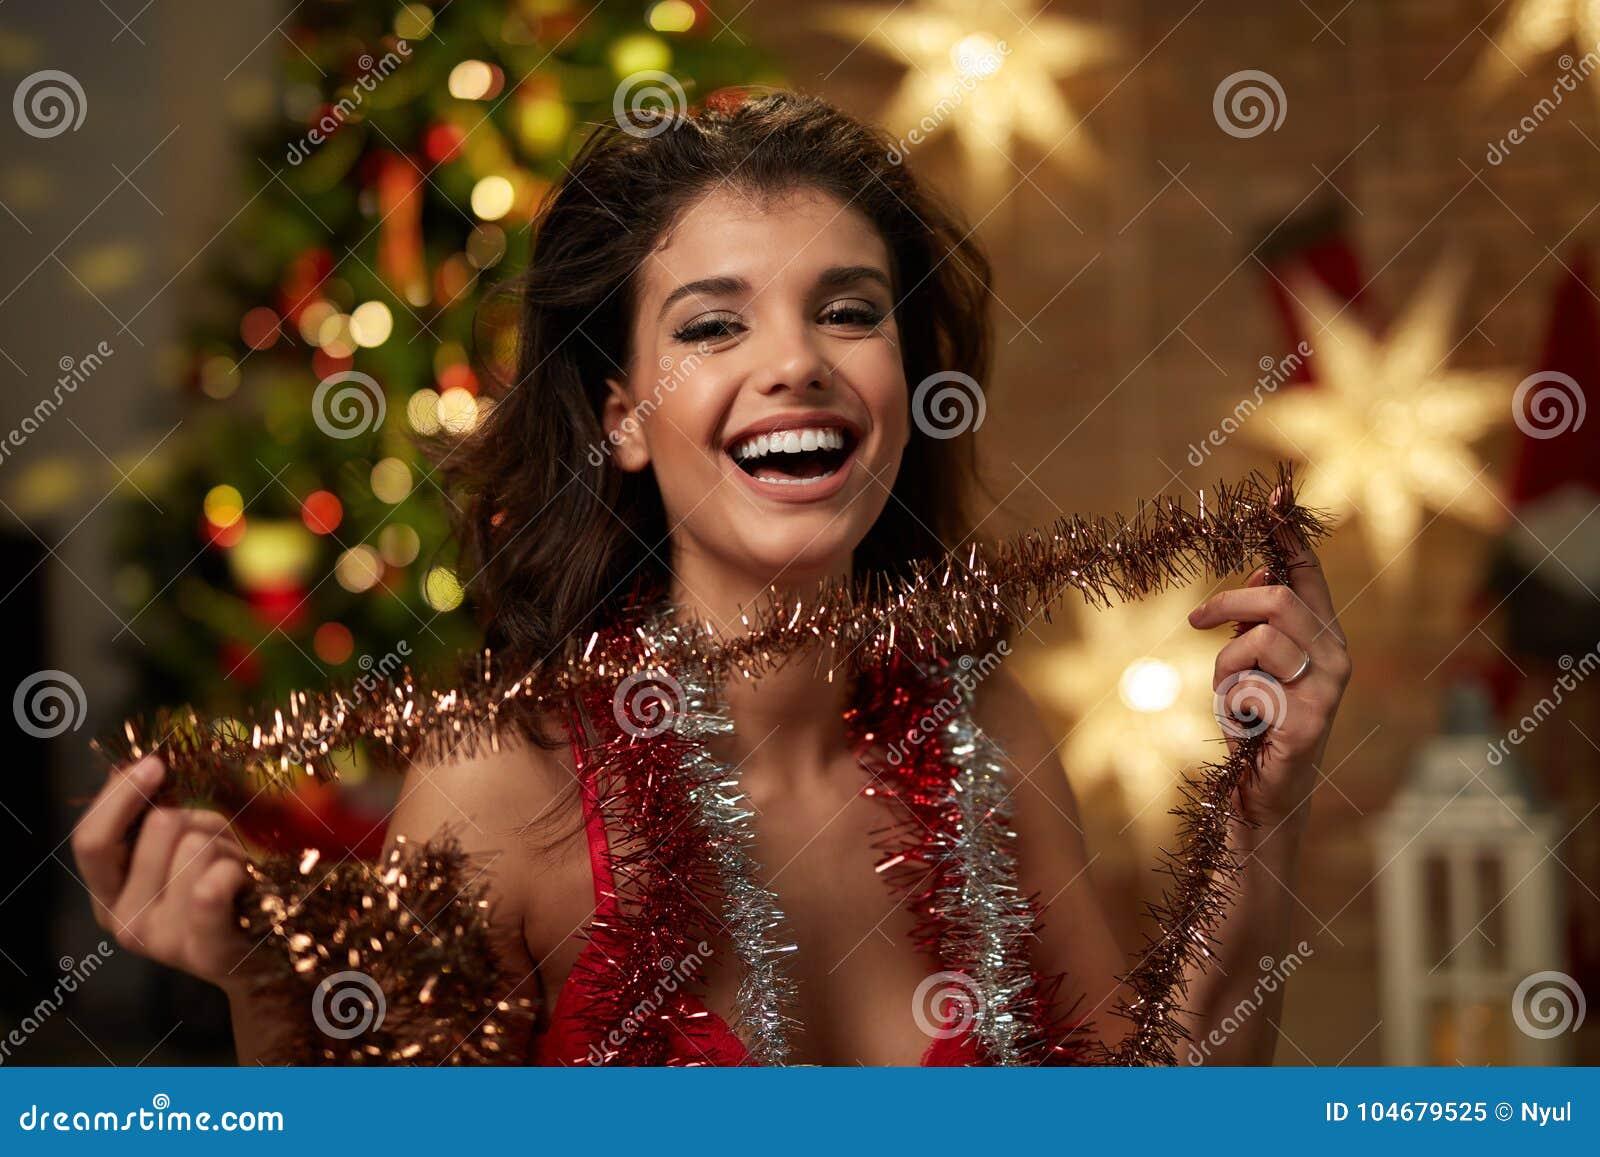 bc9adb037af88 Женщина в женское бельё с рождественской елкой Стоковое Изображение ...